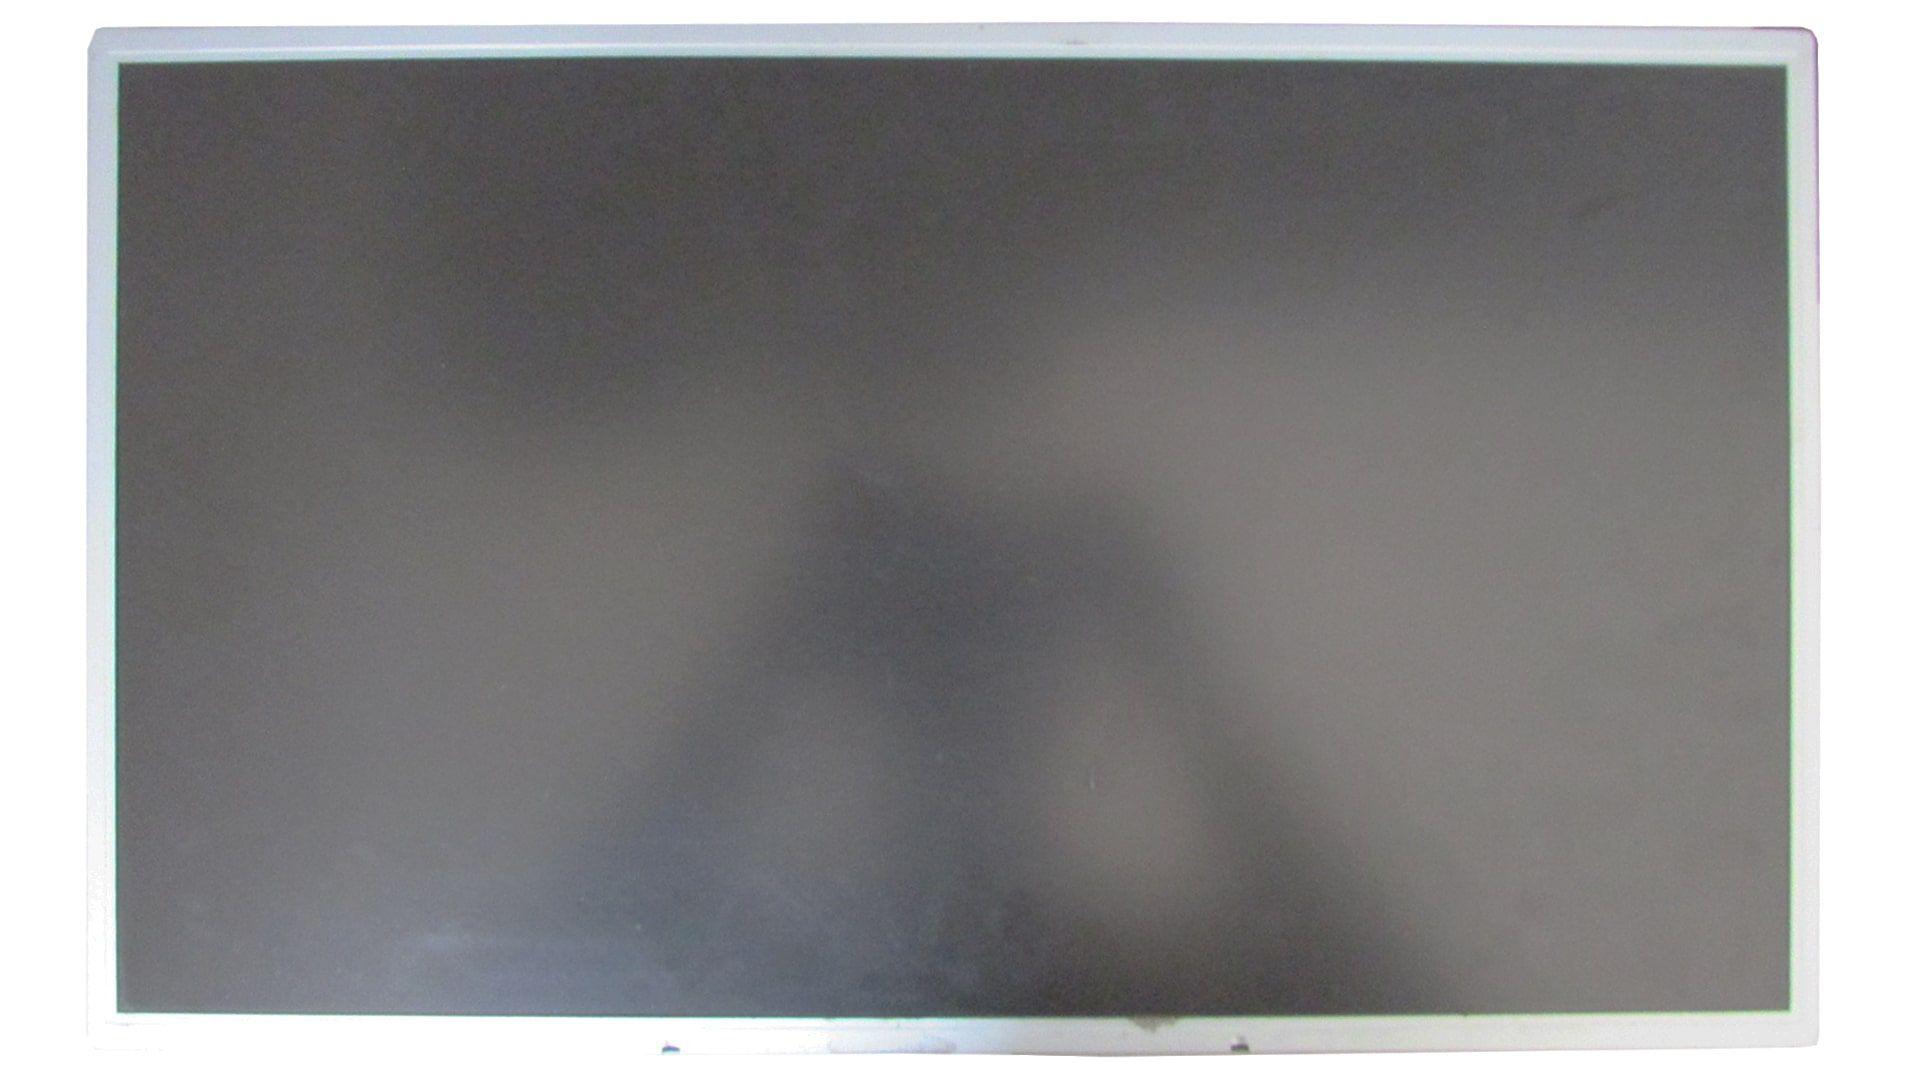 Tela Display Lcd Monitor LG 20